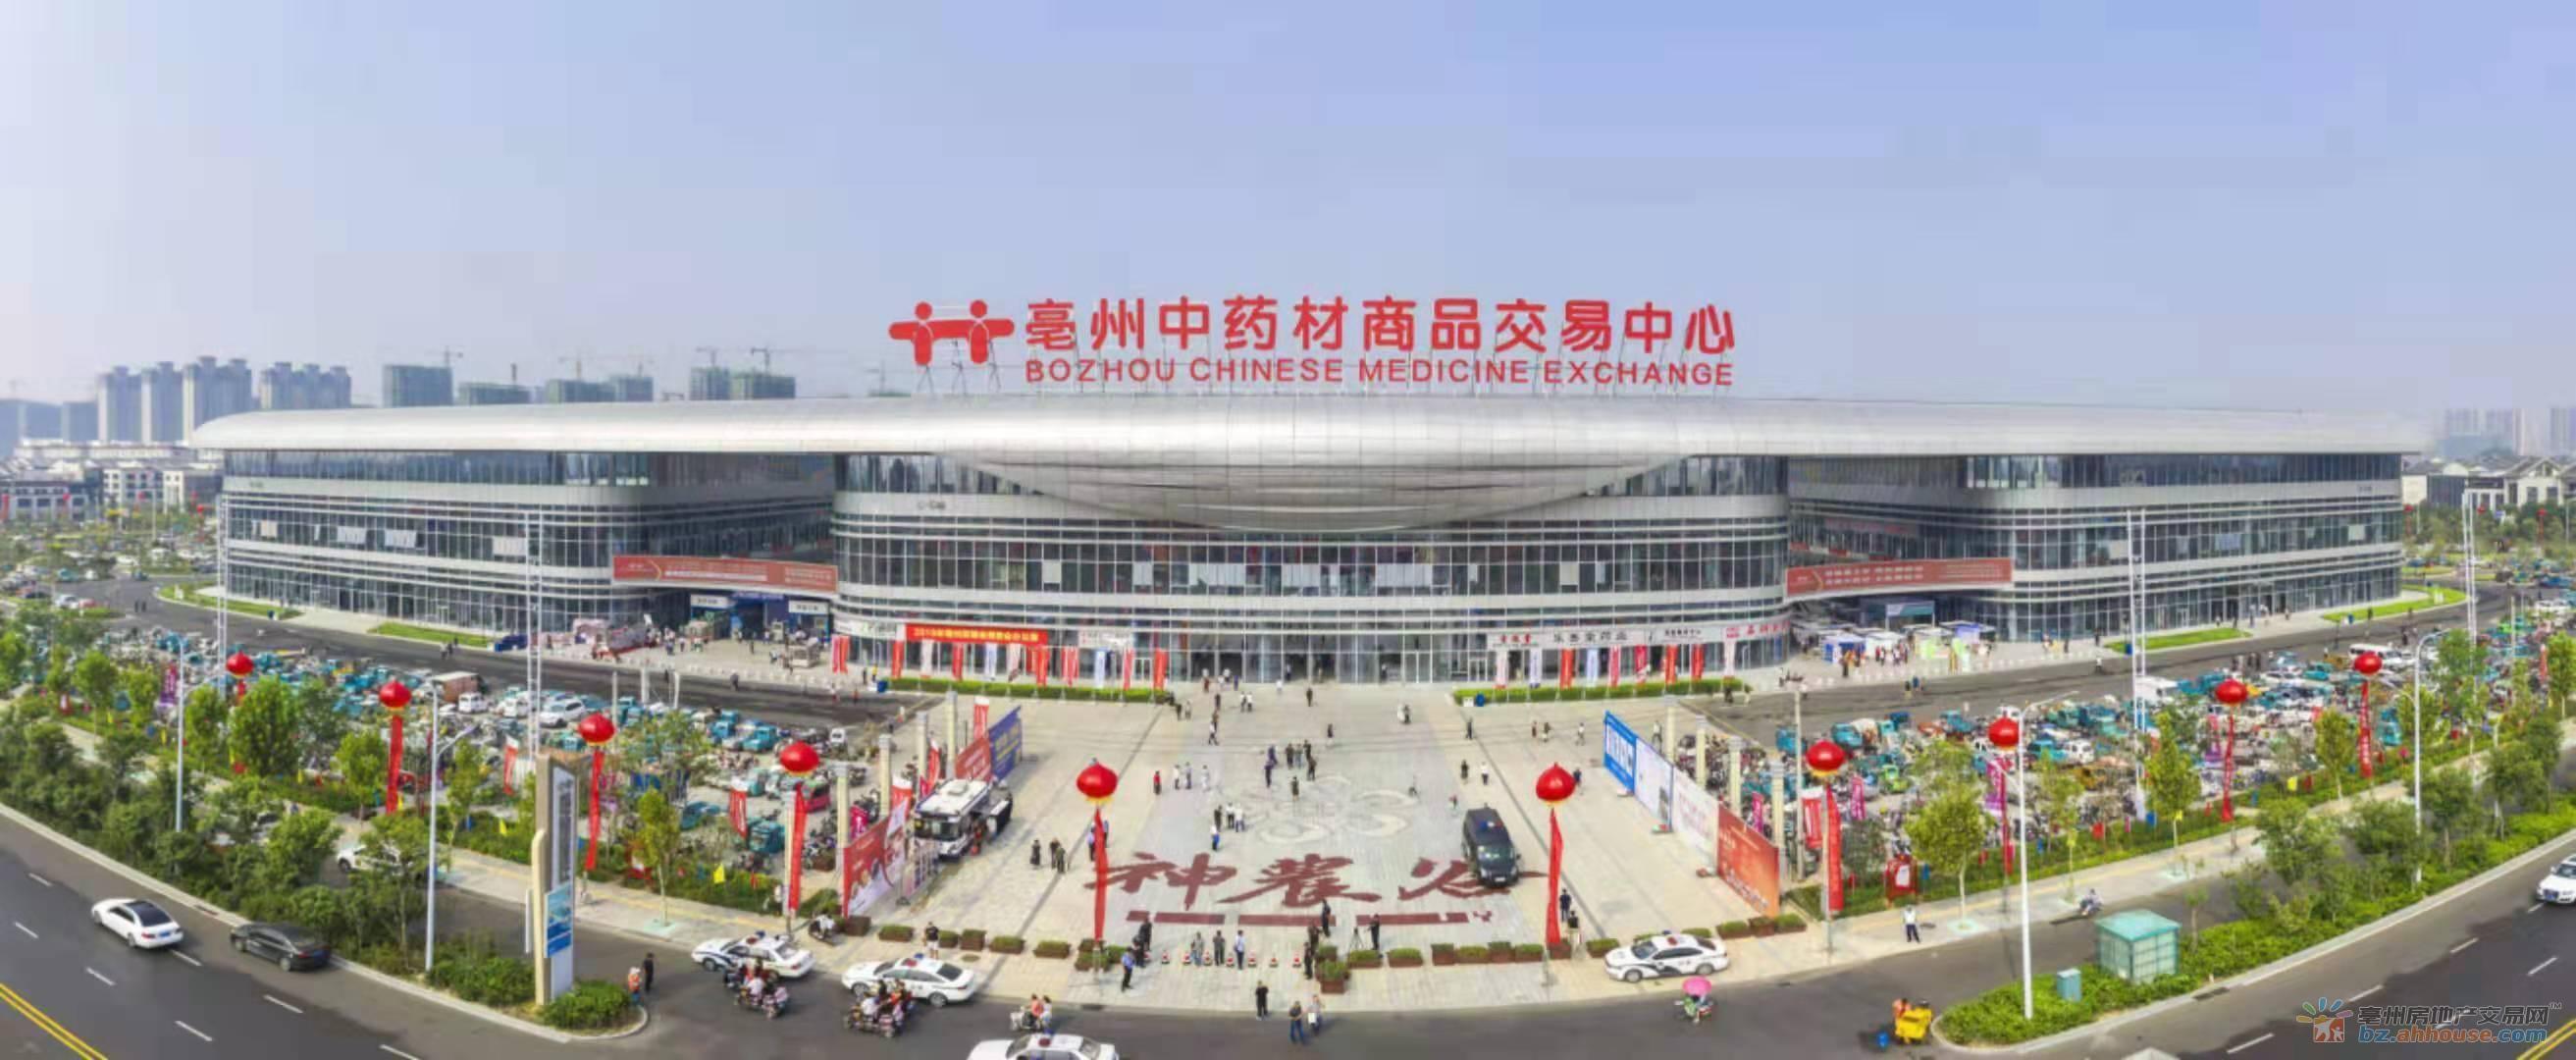 亳州|珍宝岛·神农谷楼号图